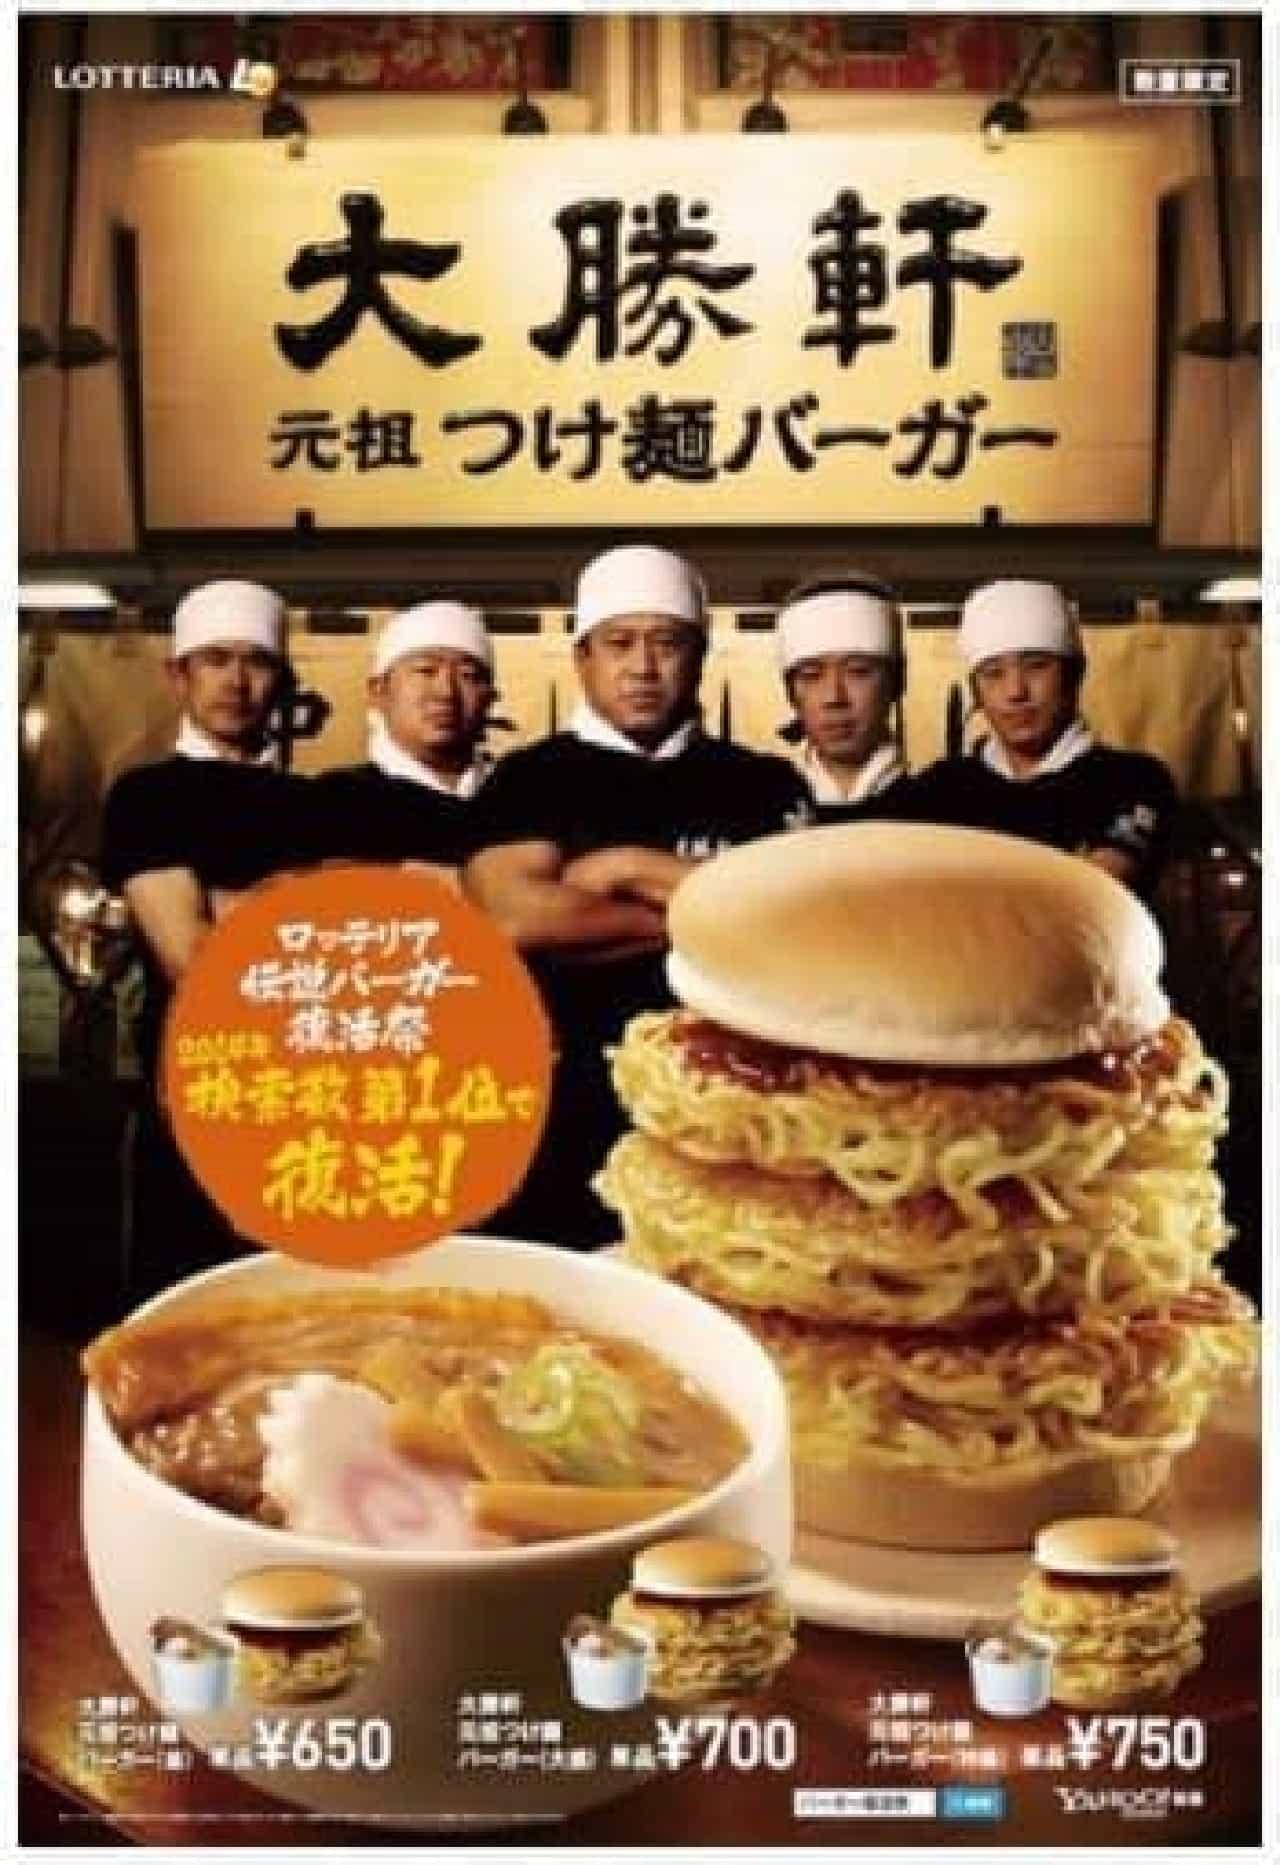 ついに復活!大勝軒監修のつけ麺バーガー